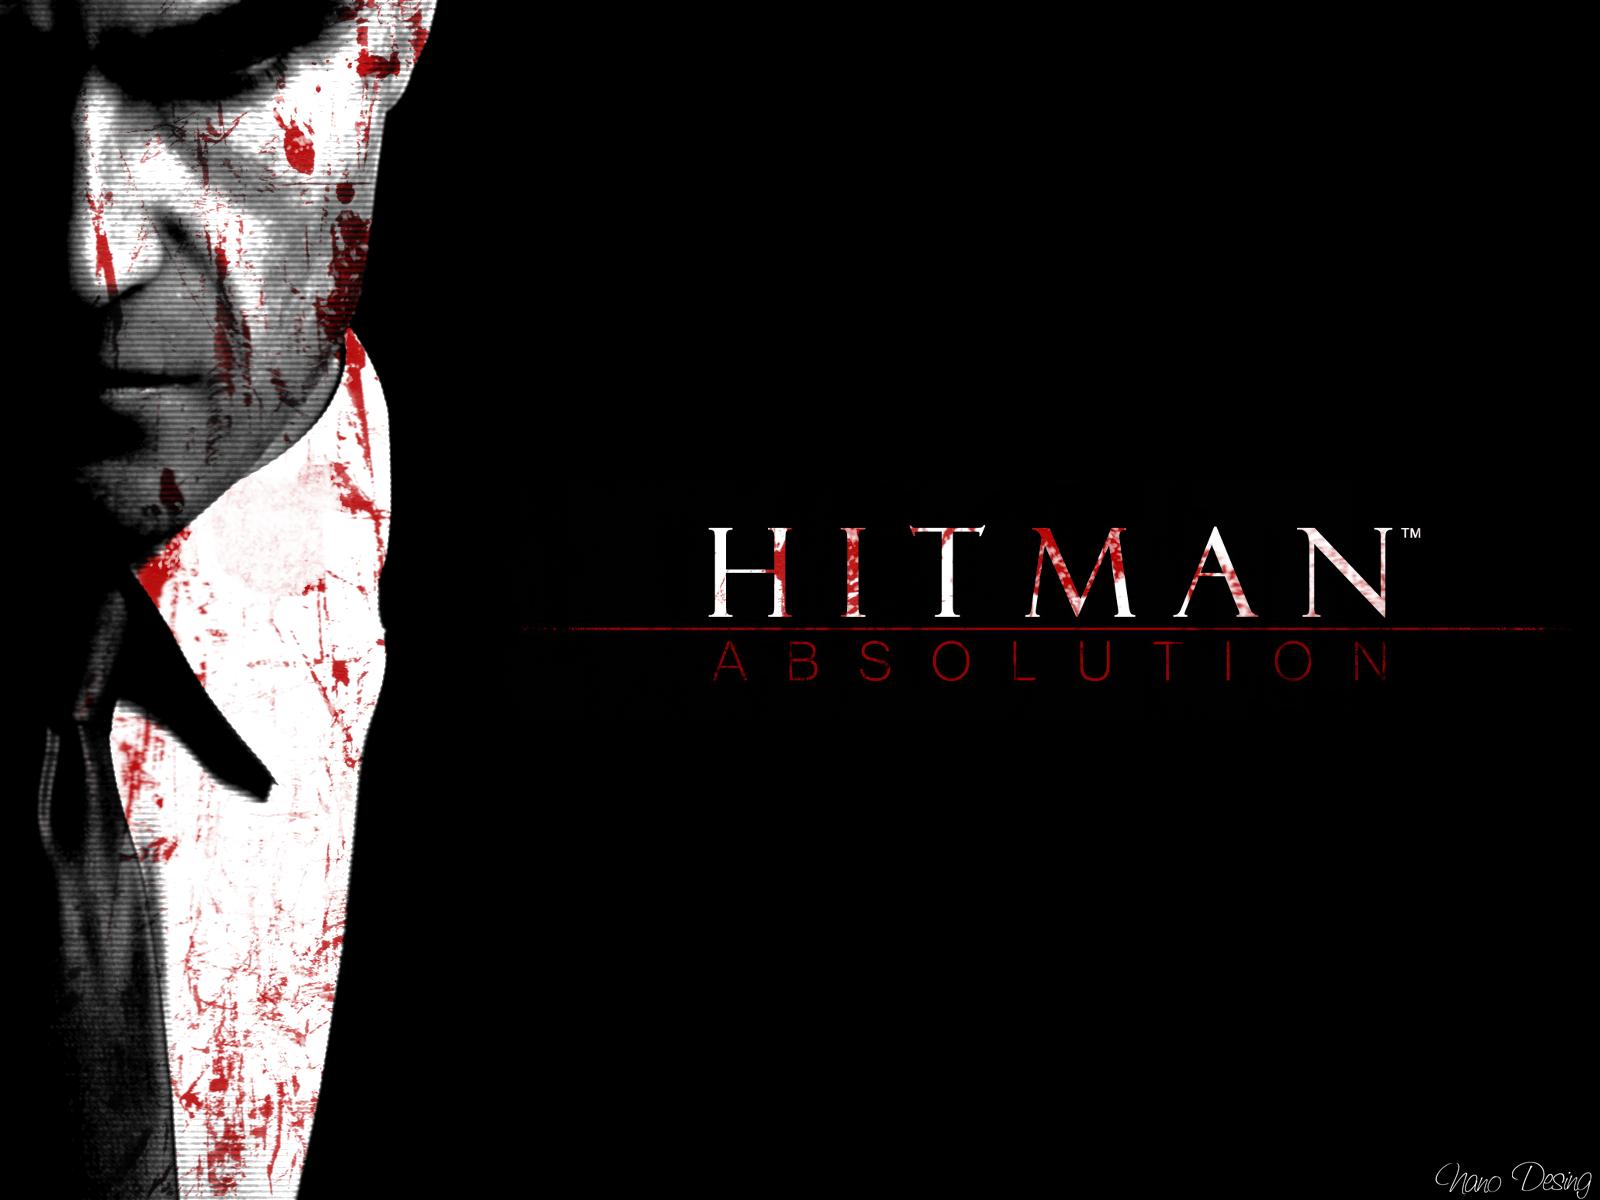 hitman absolution - Hitman Absolution: voti altalenanti e modalità Contracts gratuita per tutti